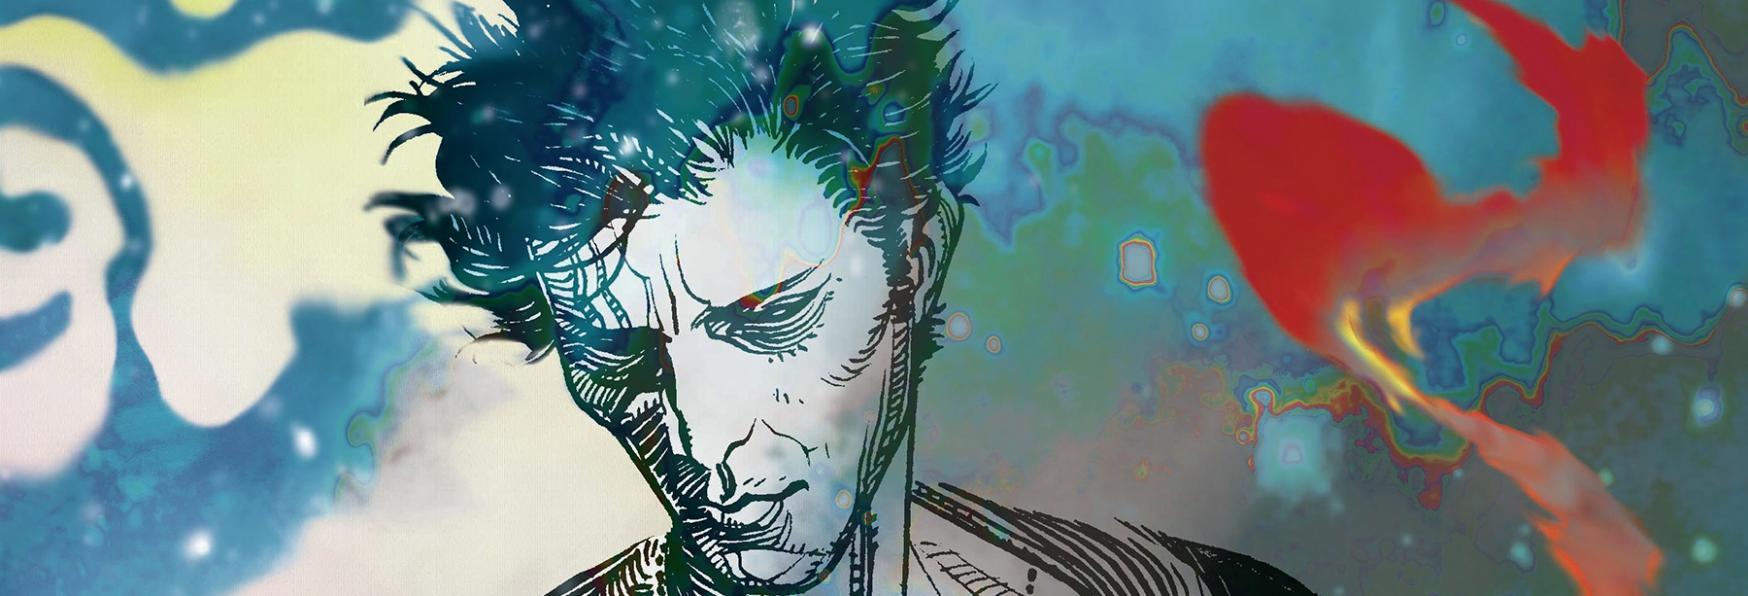 Sandman: Neil Gaiman rivela che la Serie TV Netflix sarà ambientata ai Giorni Nostri